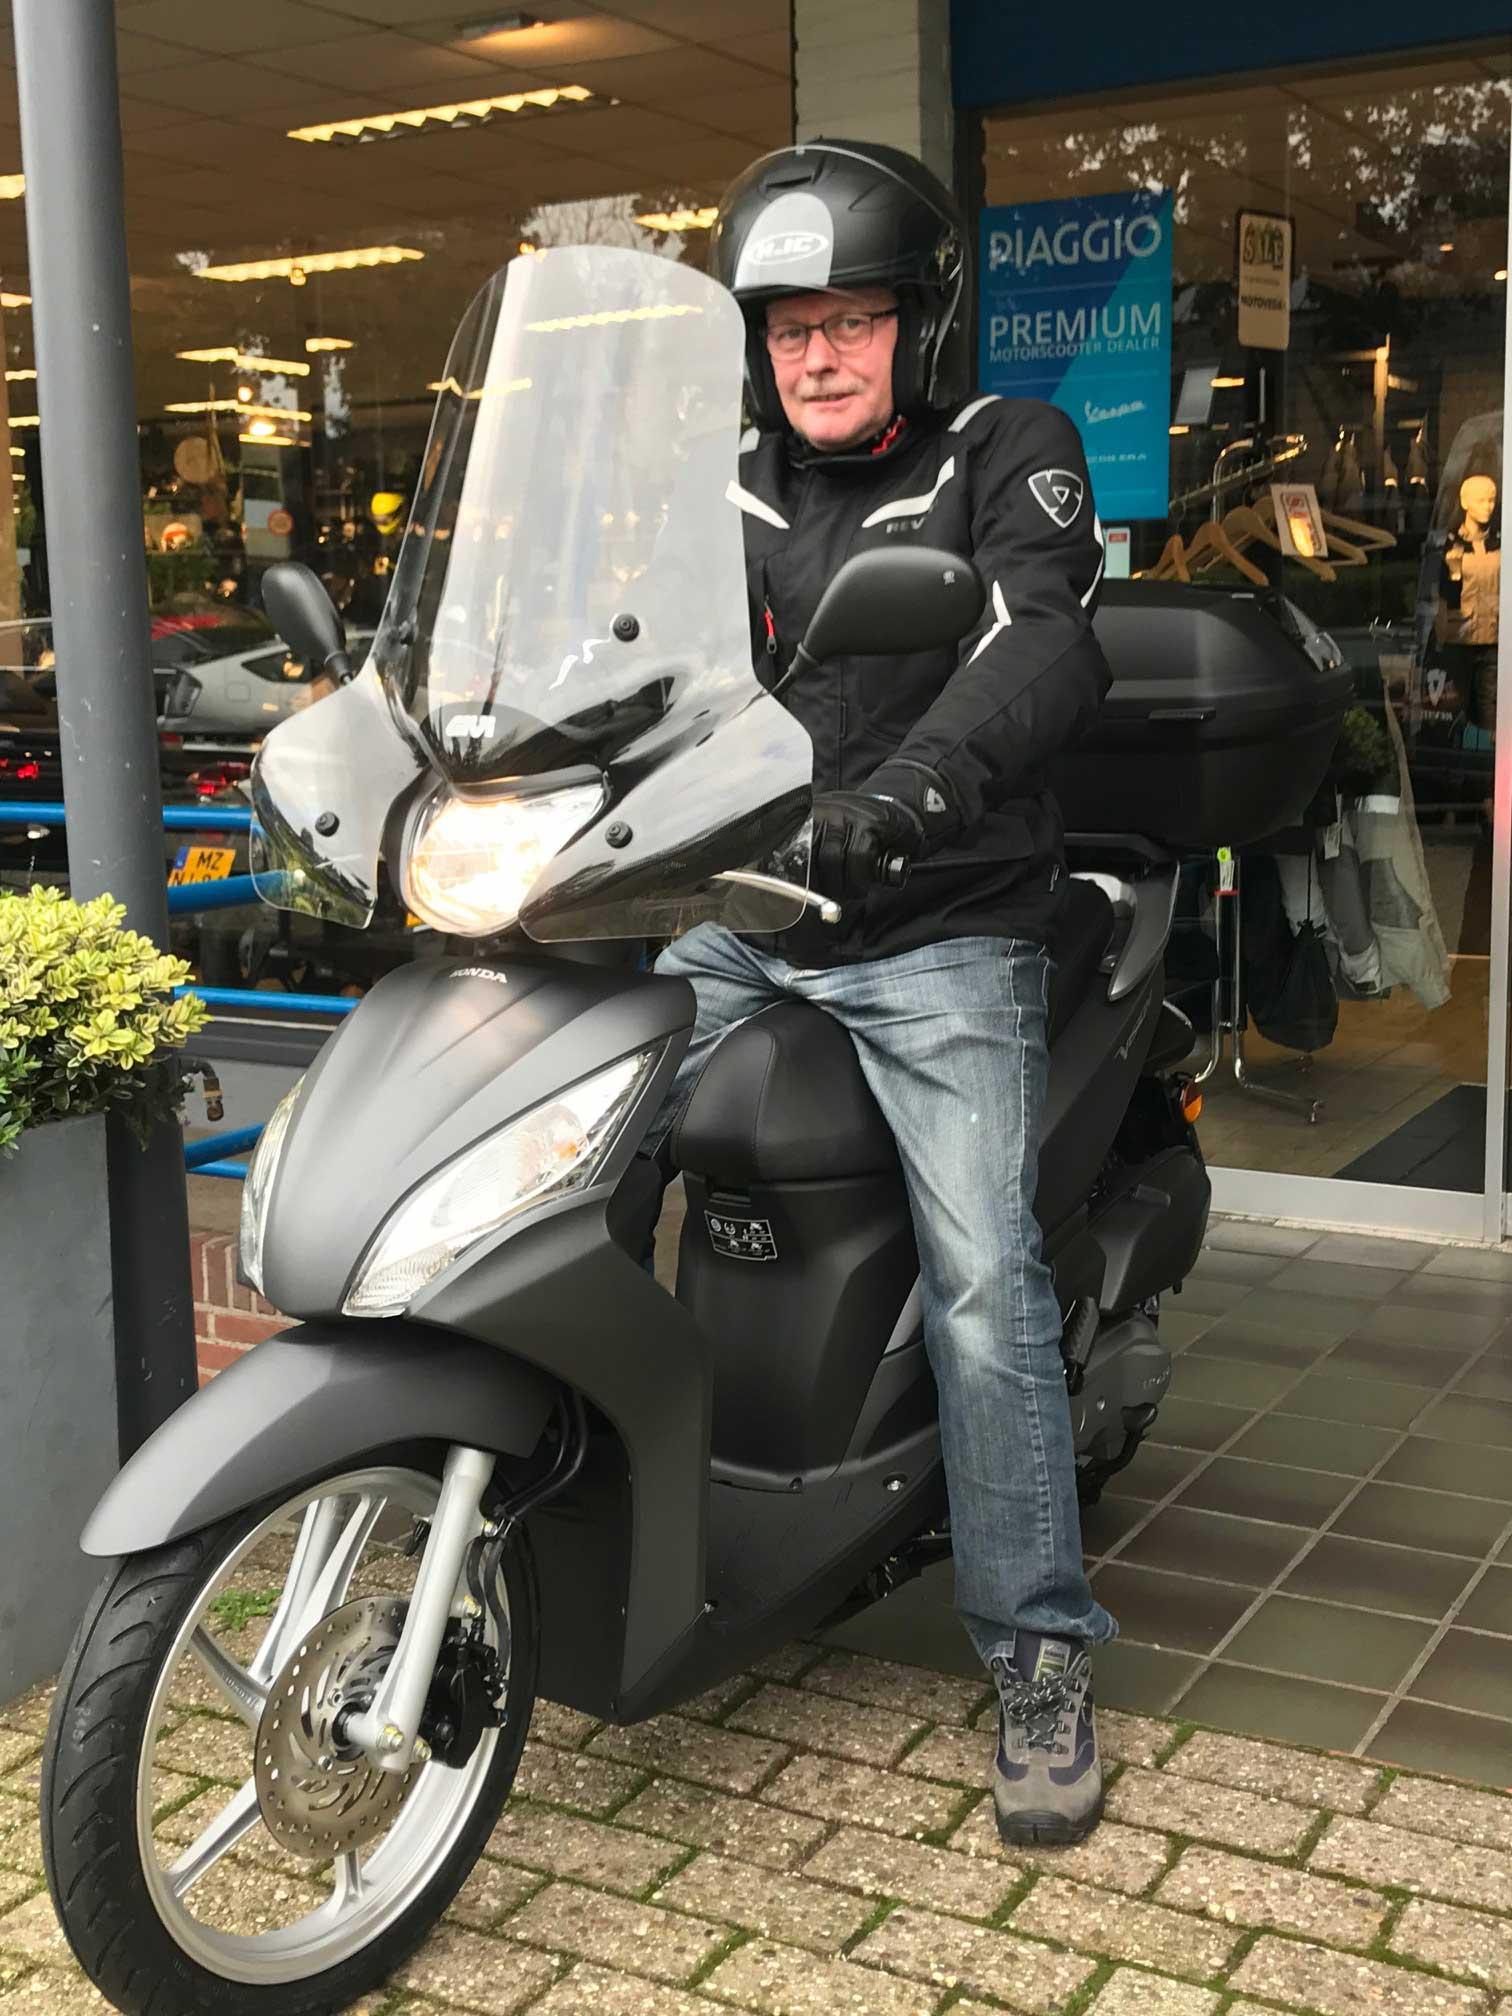 Meneer Janssen; nieuwe baan, nieuwe Honda Vision 45 km